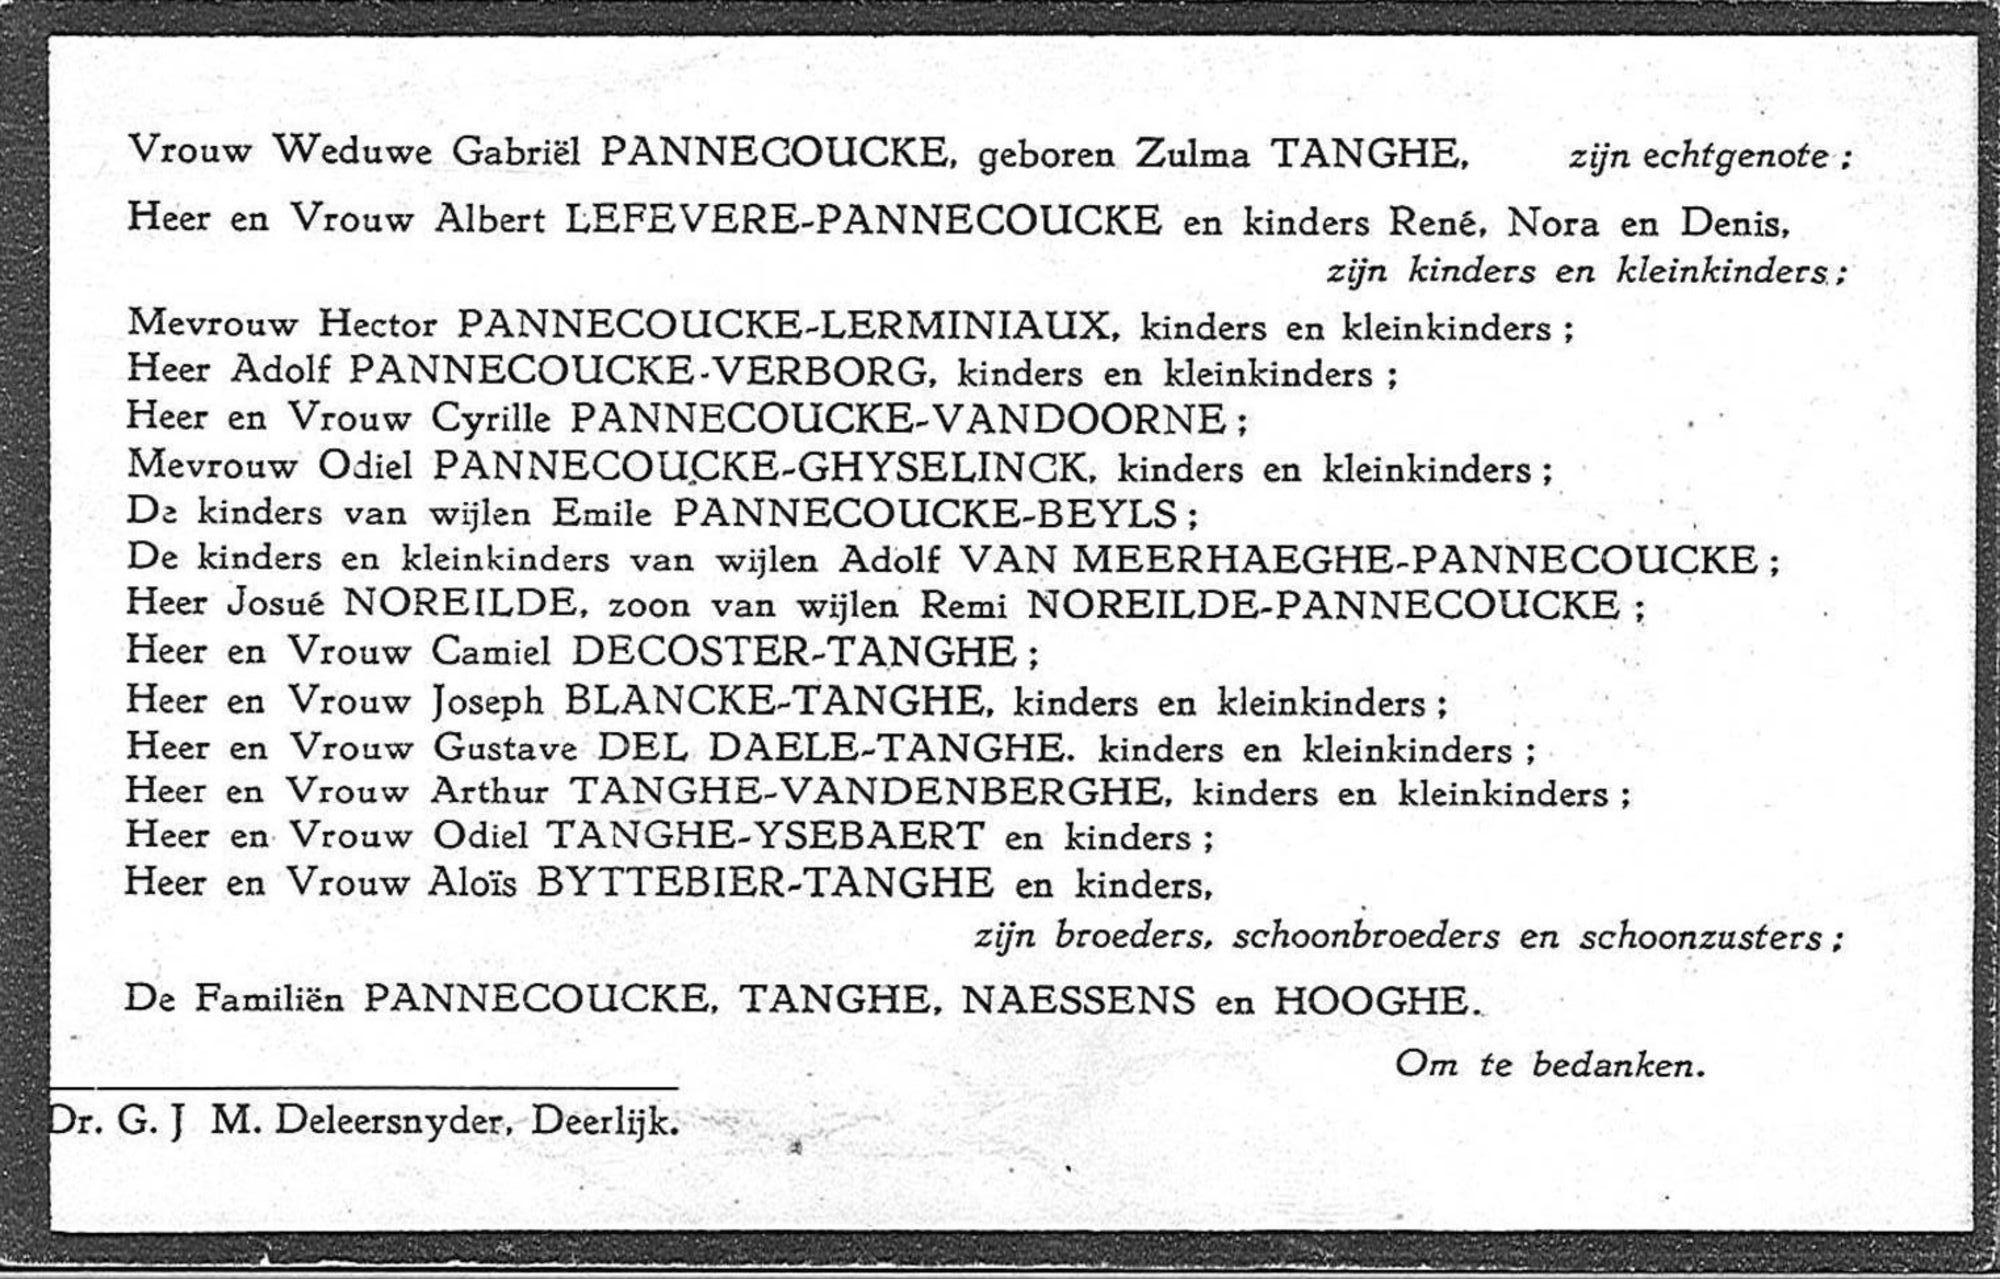 Gabriel Pannecoucke